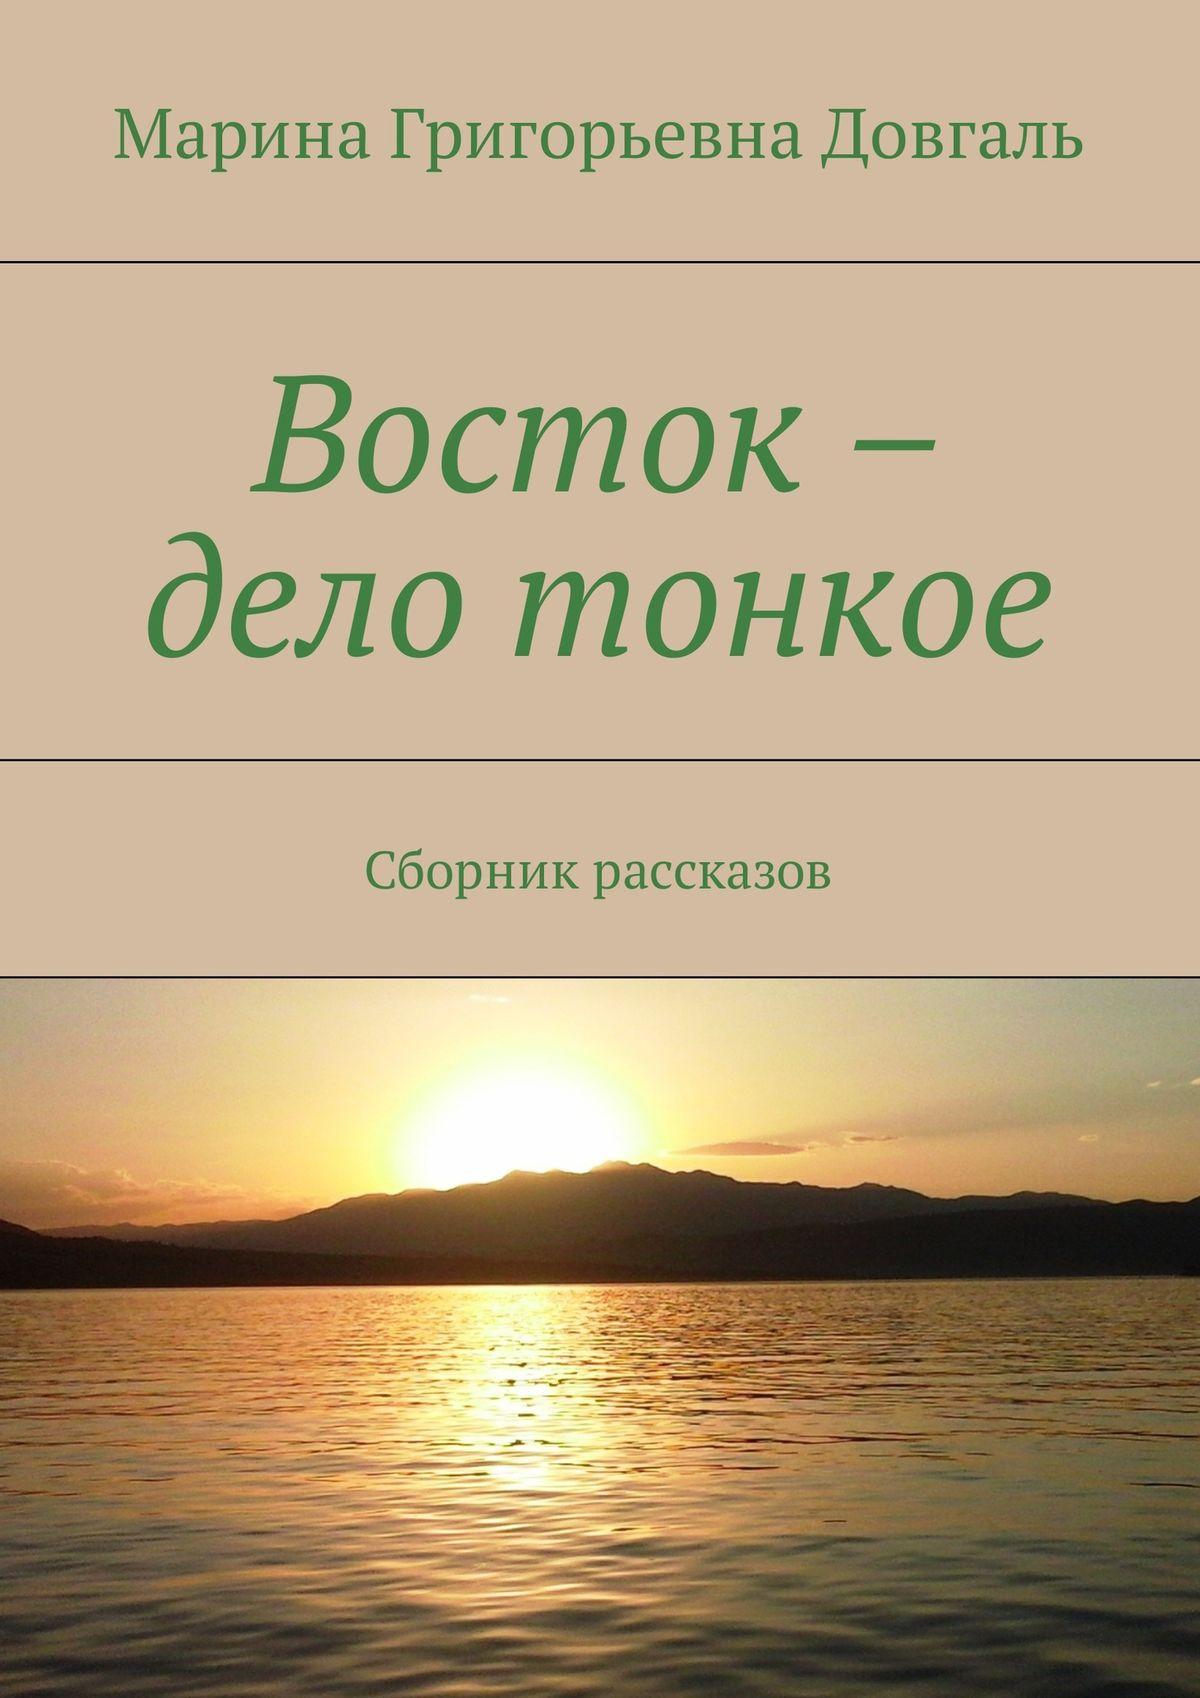 Марина Григорьевна Довгаль Восток – дело тонкое. Сборник рассказов марина григорьевна довгаль рубаи избранное